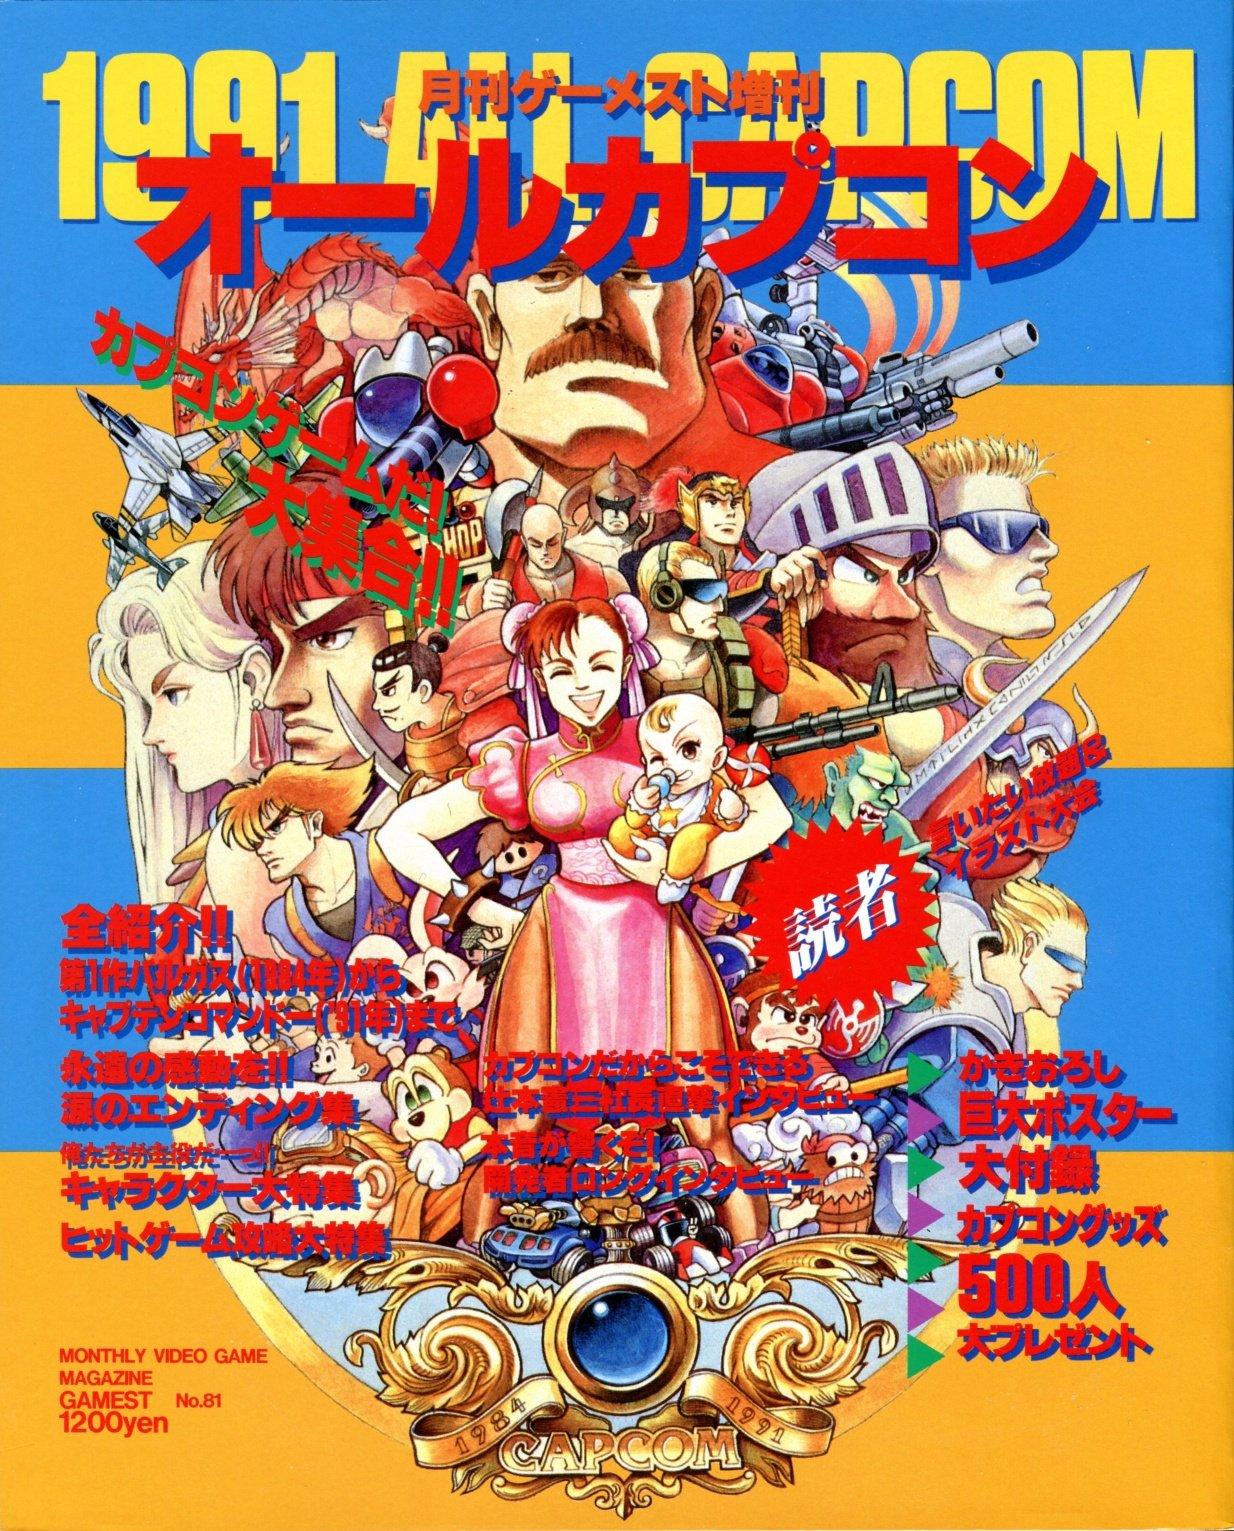 Gamest 081 (November 1992)